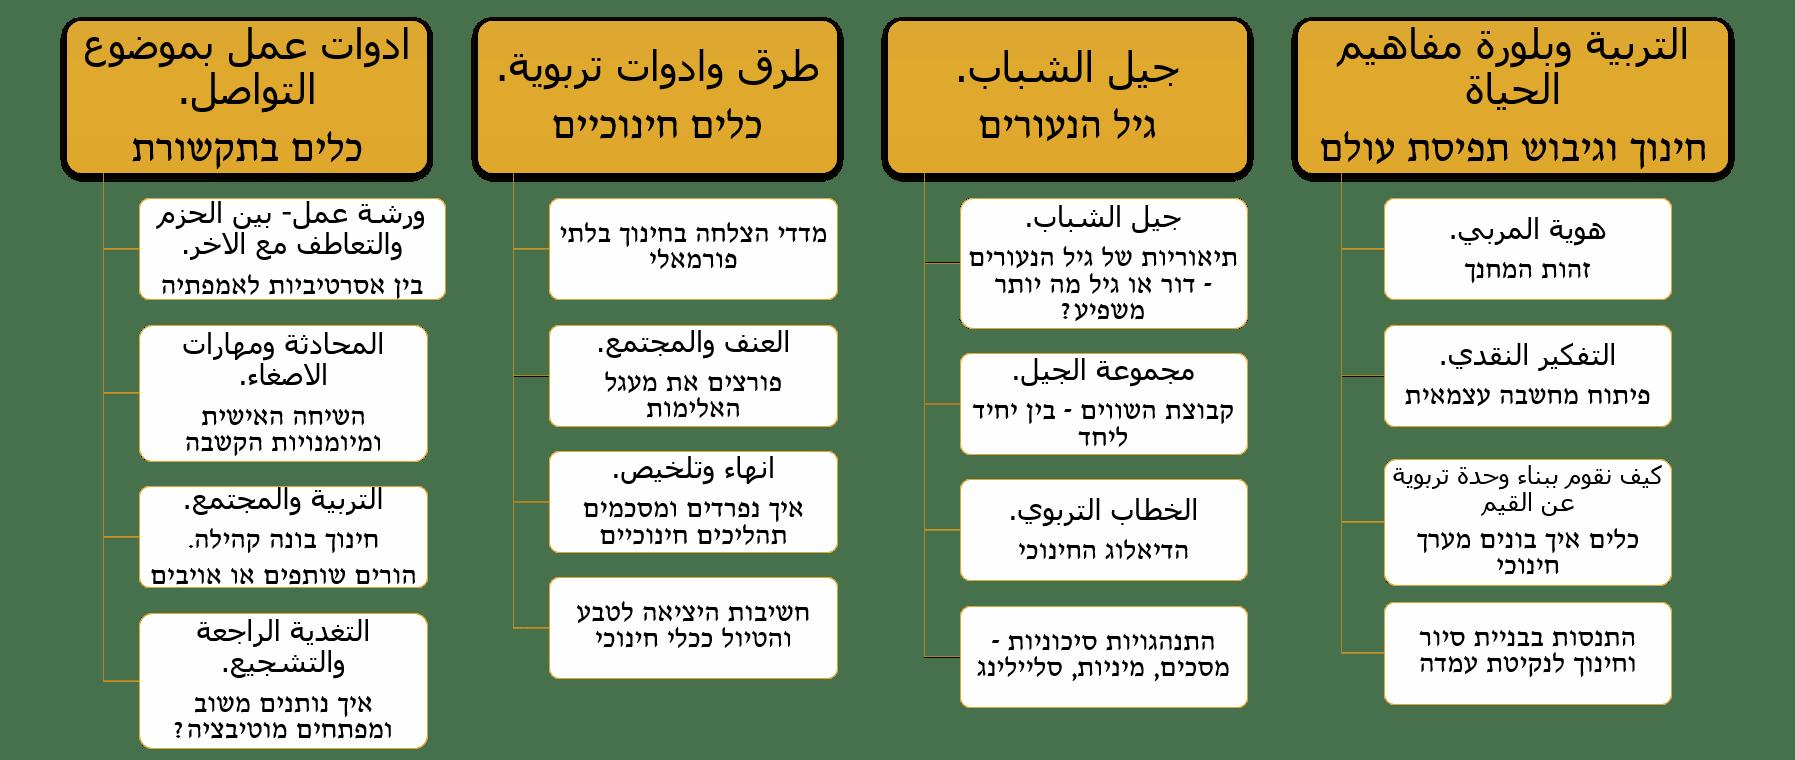 תרשים זרימה פרדס בחברה הערבית